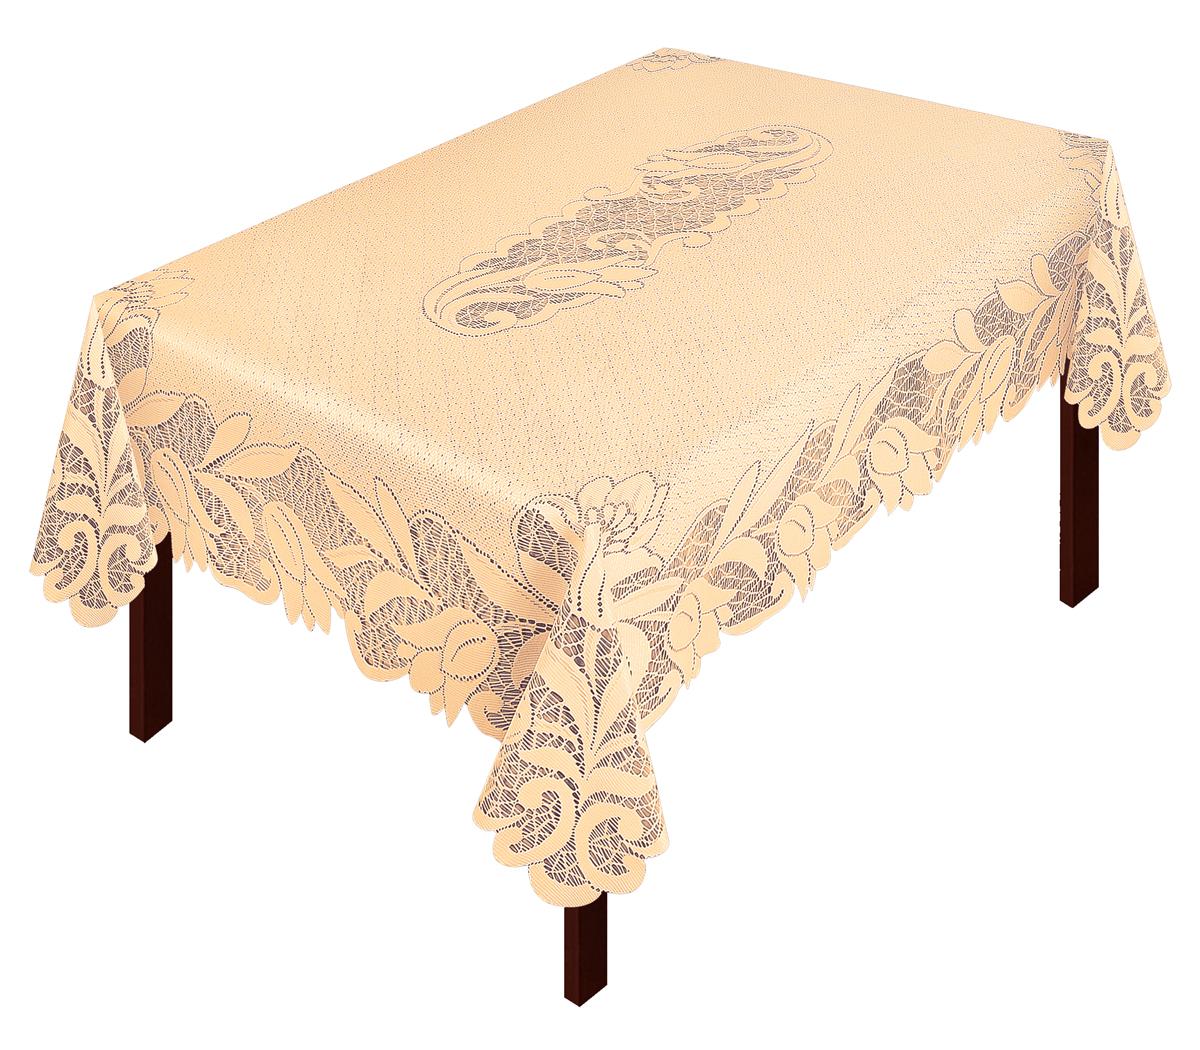 Скатерть Zlata Korunka, прямоугольная, цвет: золотистый, 165 х 120 см80038Скатерть выполнена из полиэстера жаккардового переплетения, не скользит со стола, легко стирается и прослужит Вам долгое время.